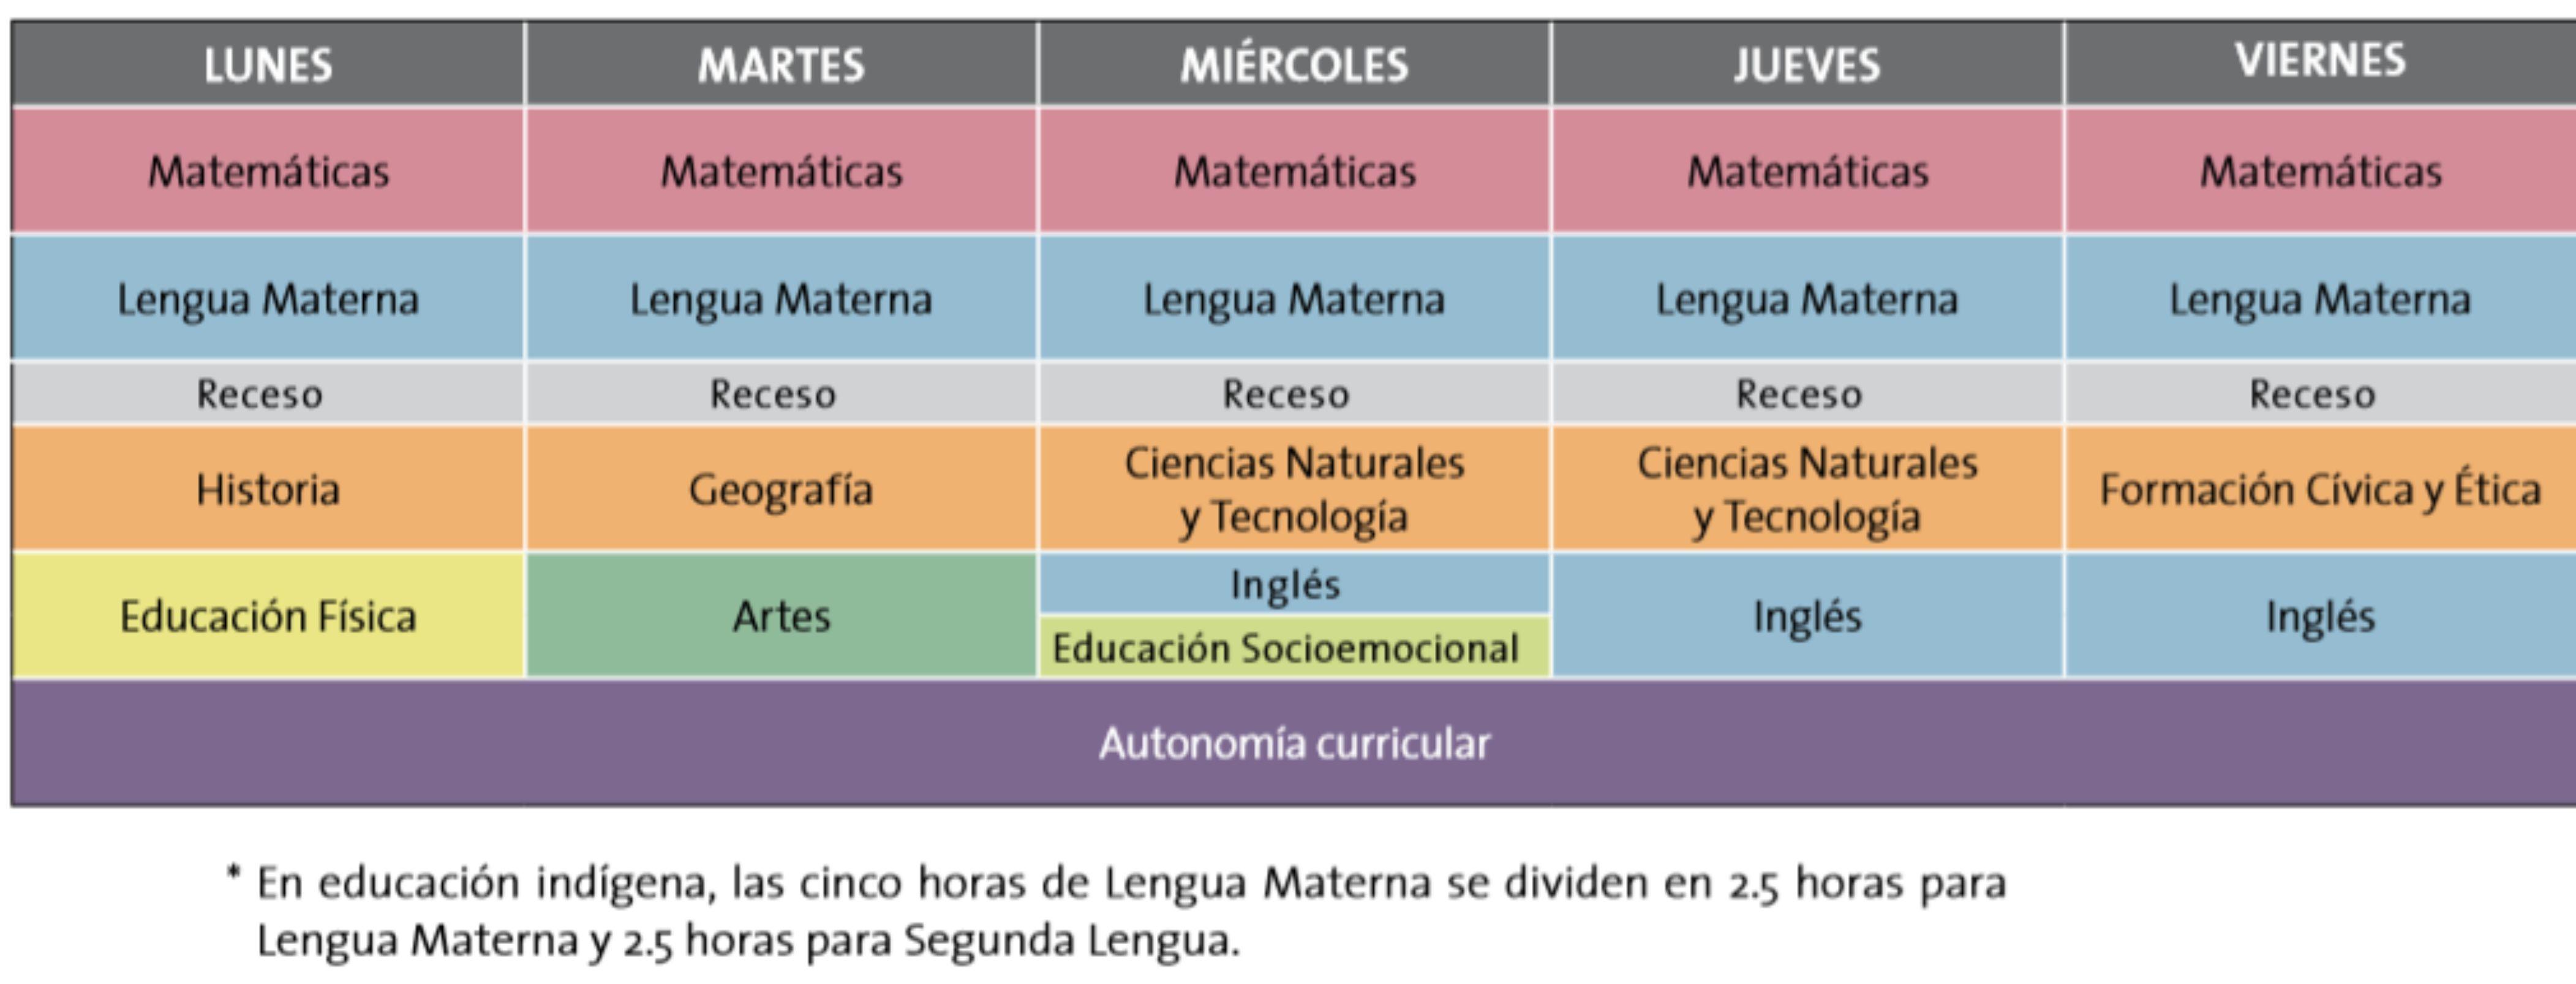 Distrubucion semanal de periodos electivos 4° a 6°